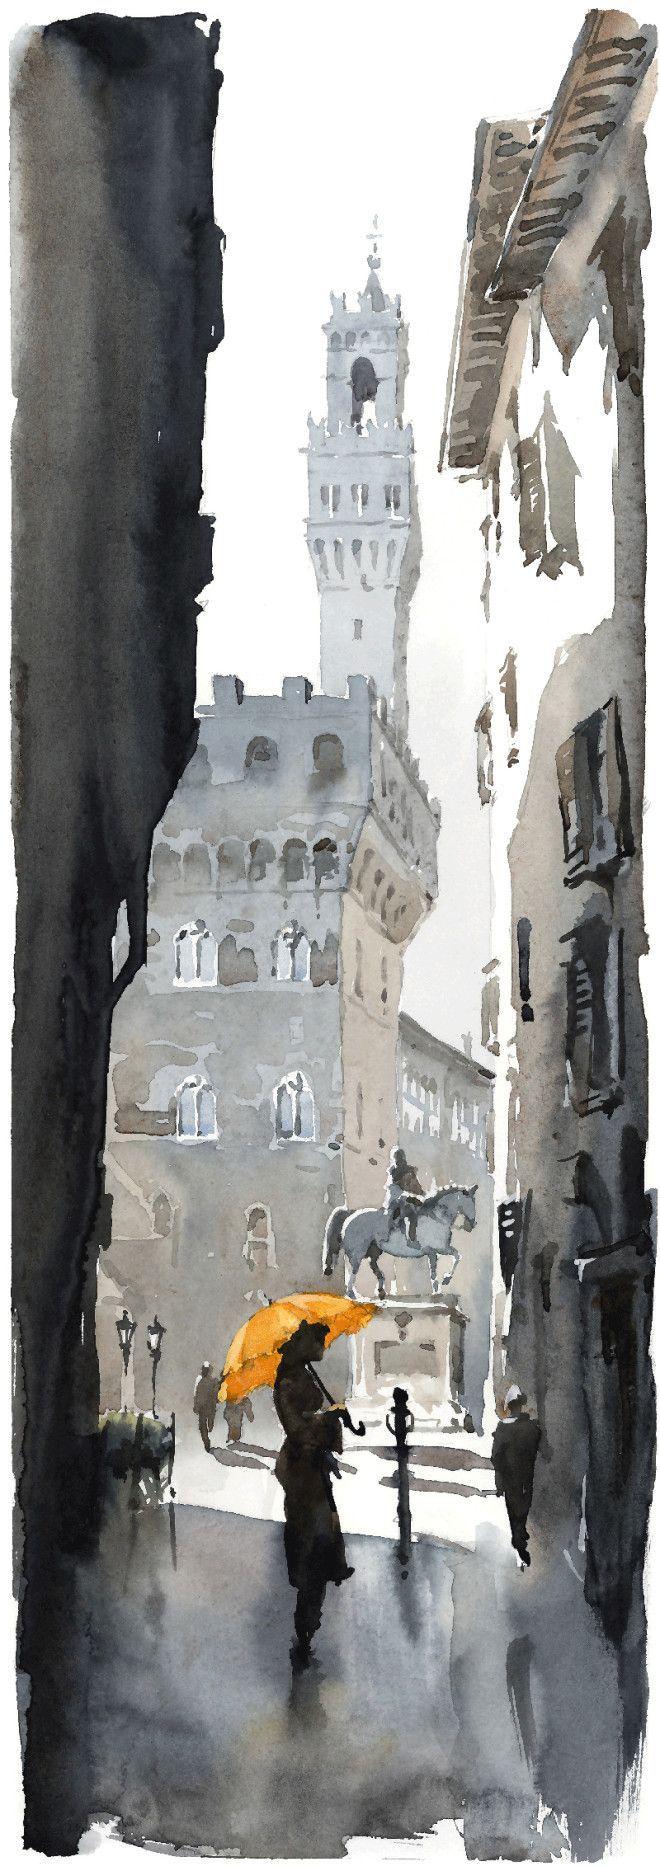 Igor Sava: Firenze scorcio... Piazza della Signoria da via delle Farine. #Firenze.